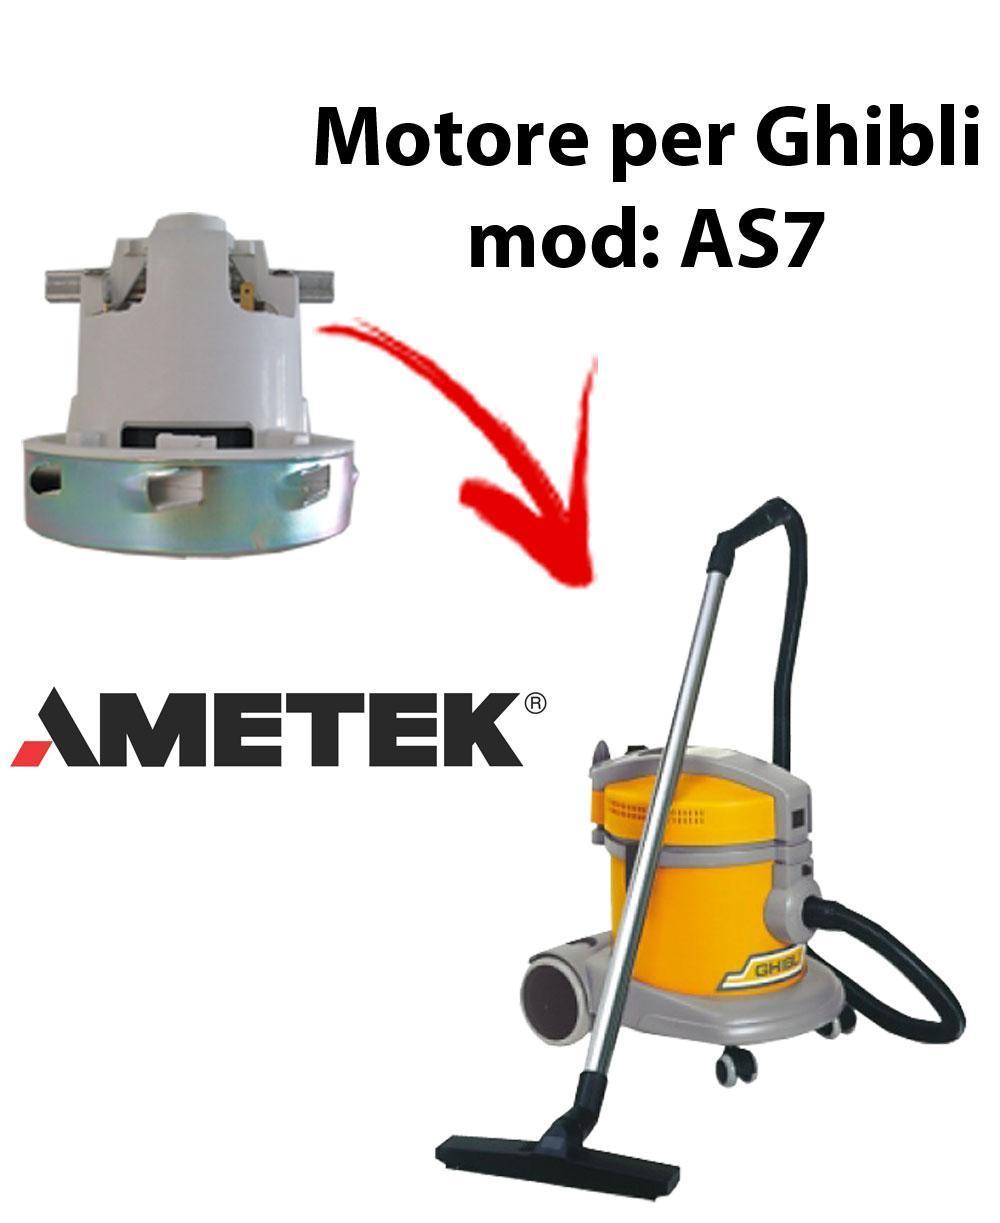 AS7  Motore de aspiración AMETEK ITALIA para aspiradora GHIBLI